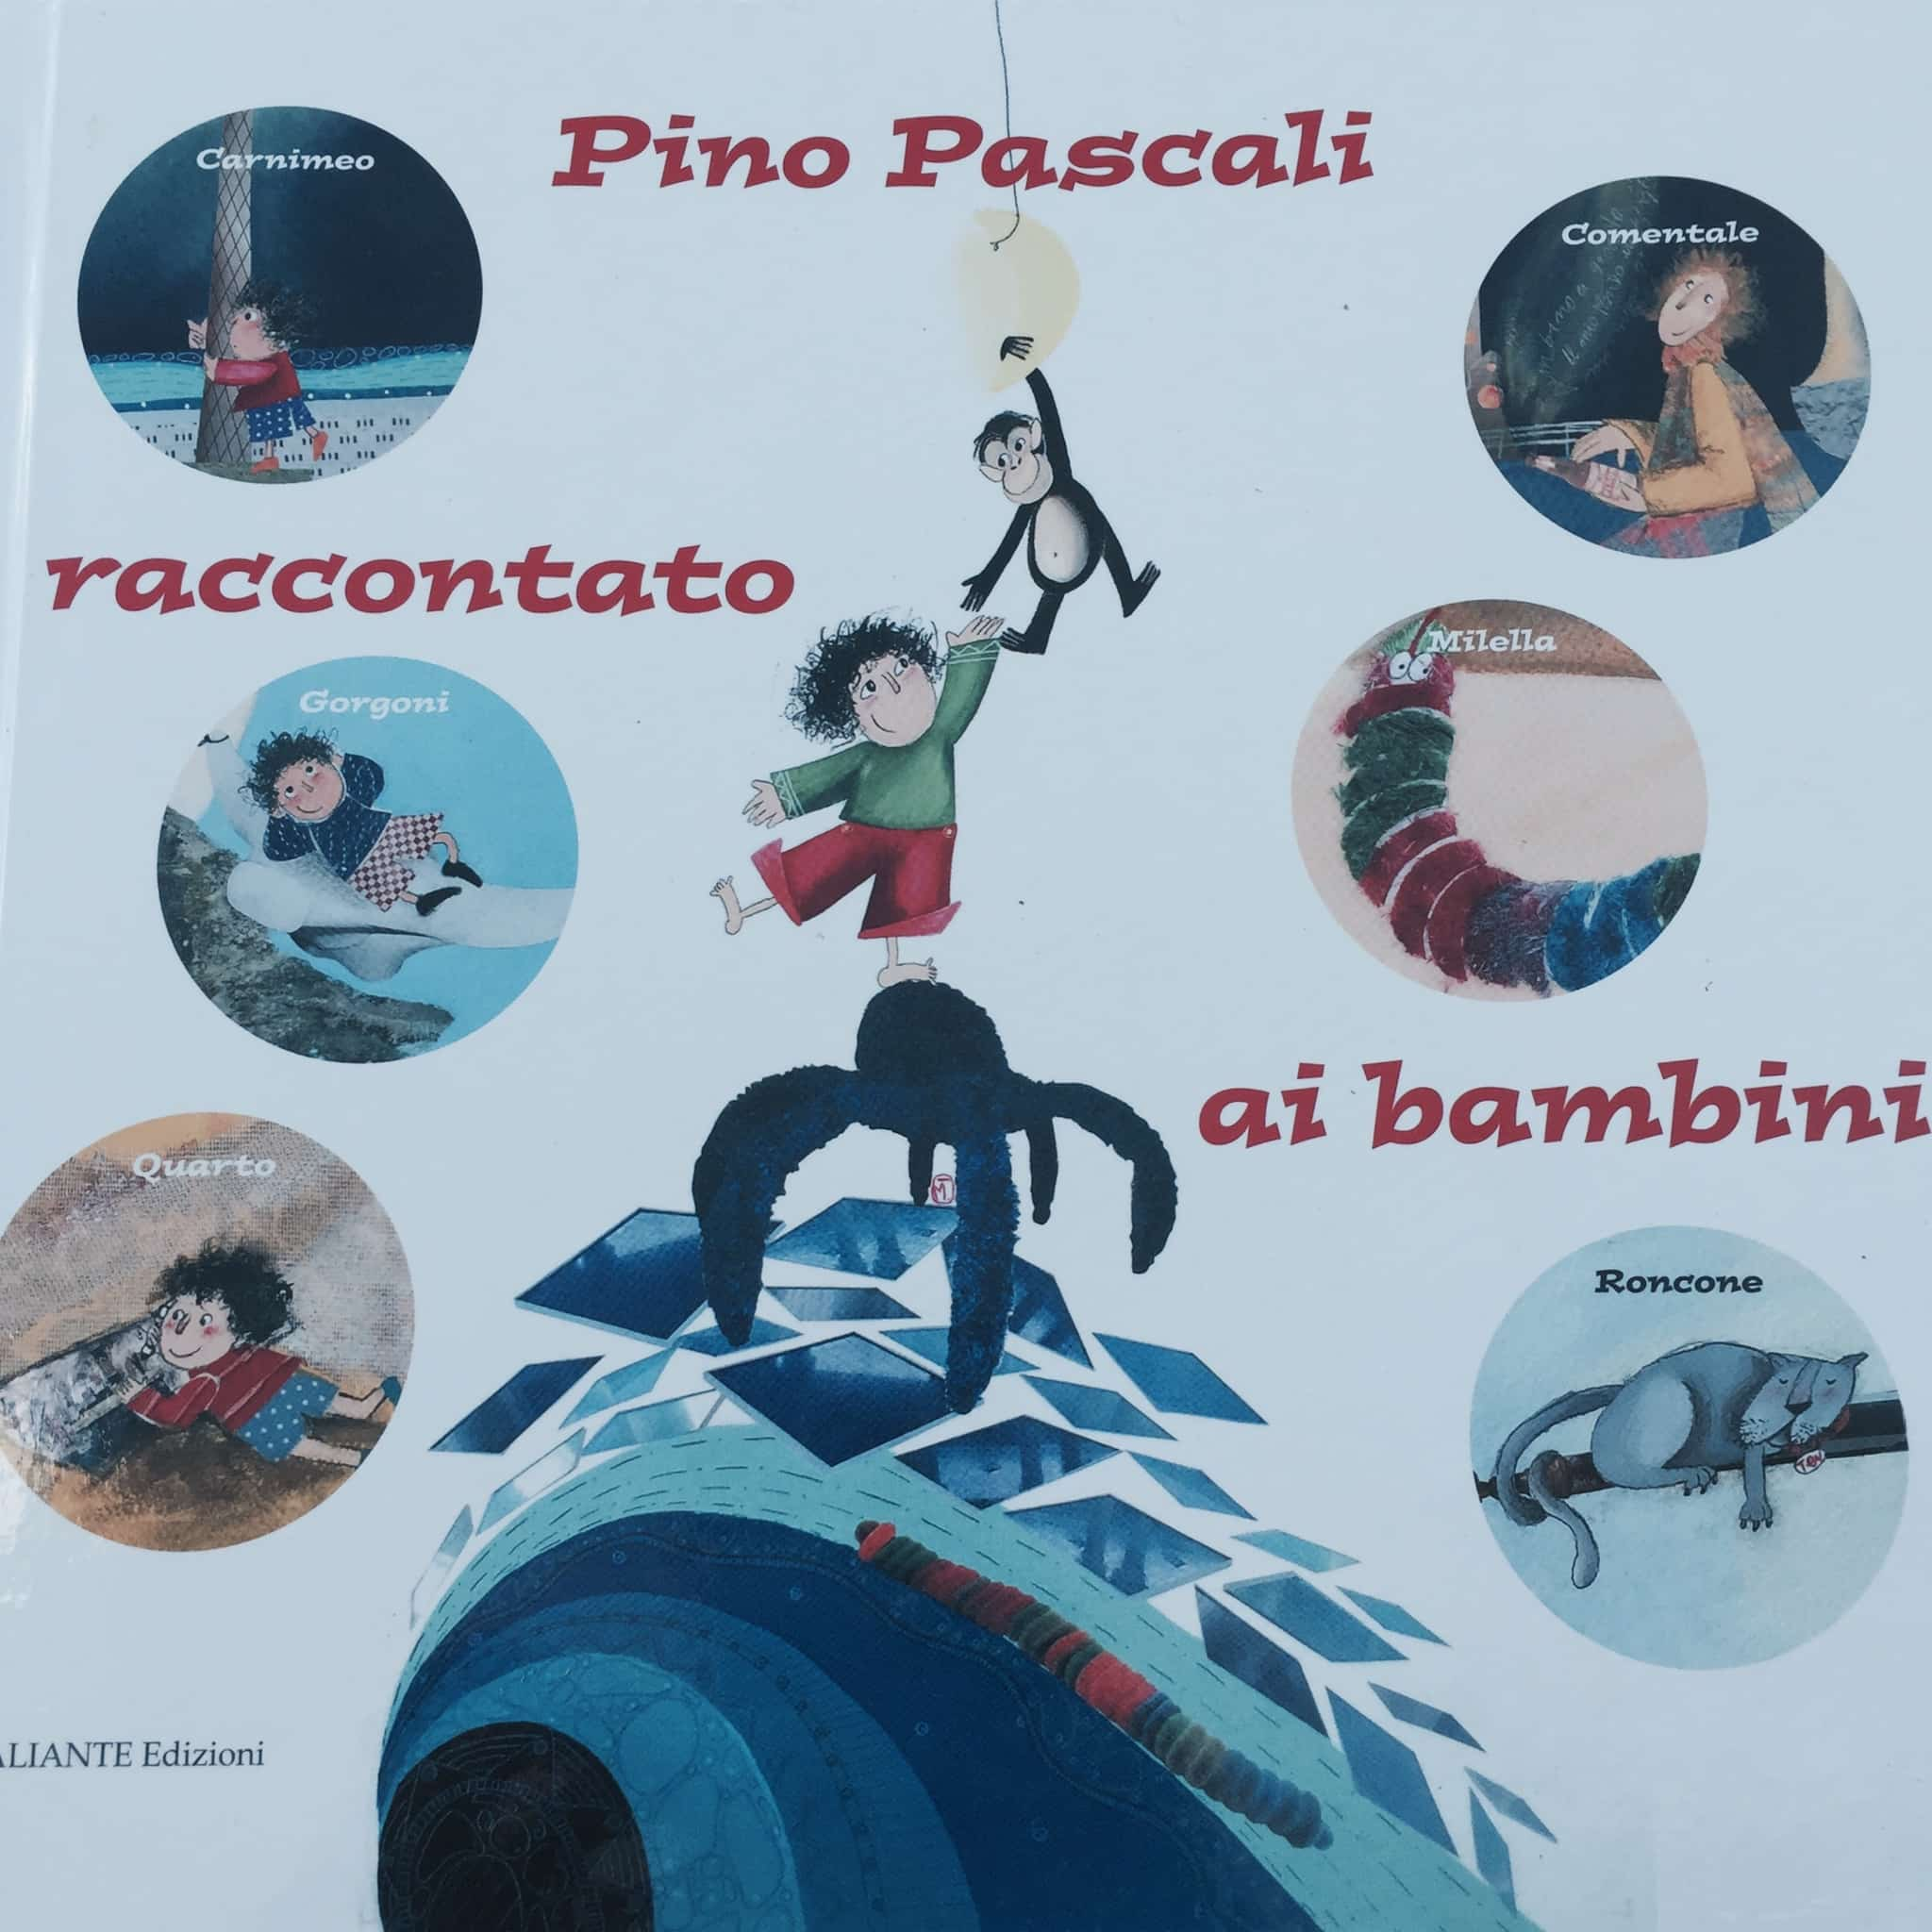 Il libro di favole ispirato a Pino Pascali